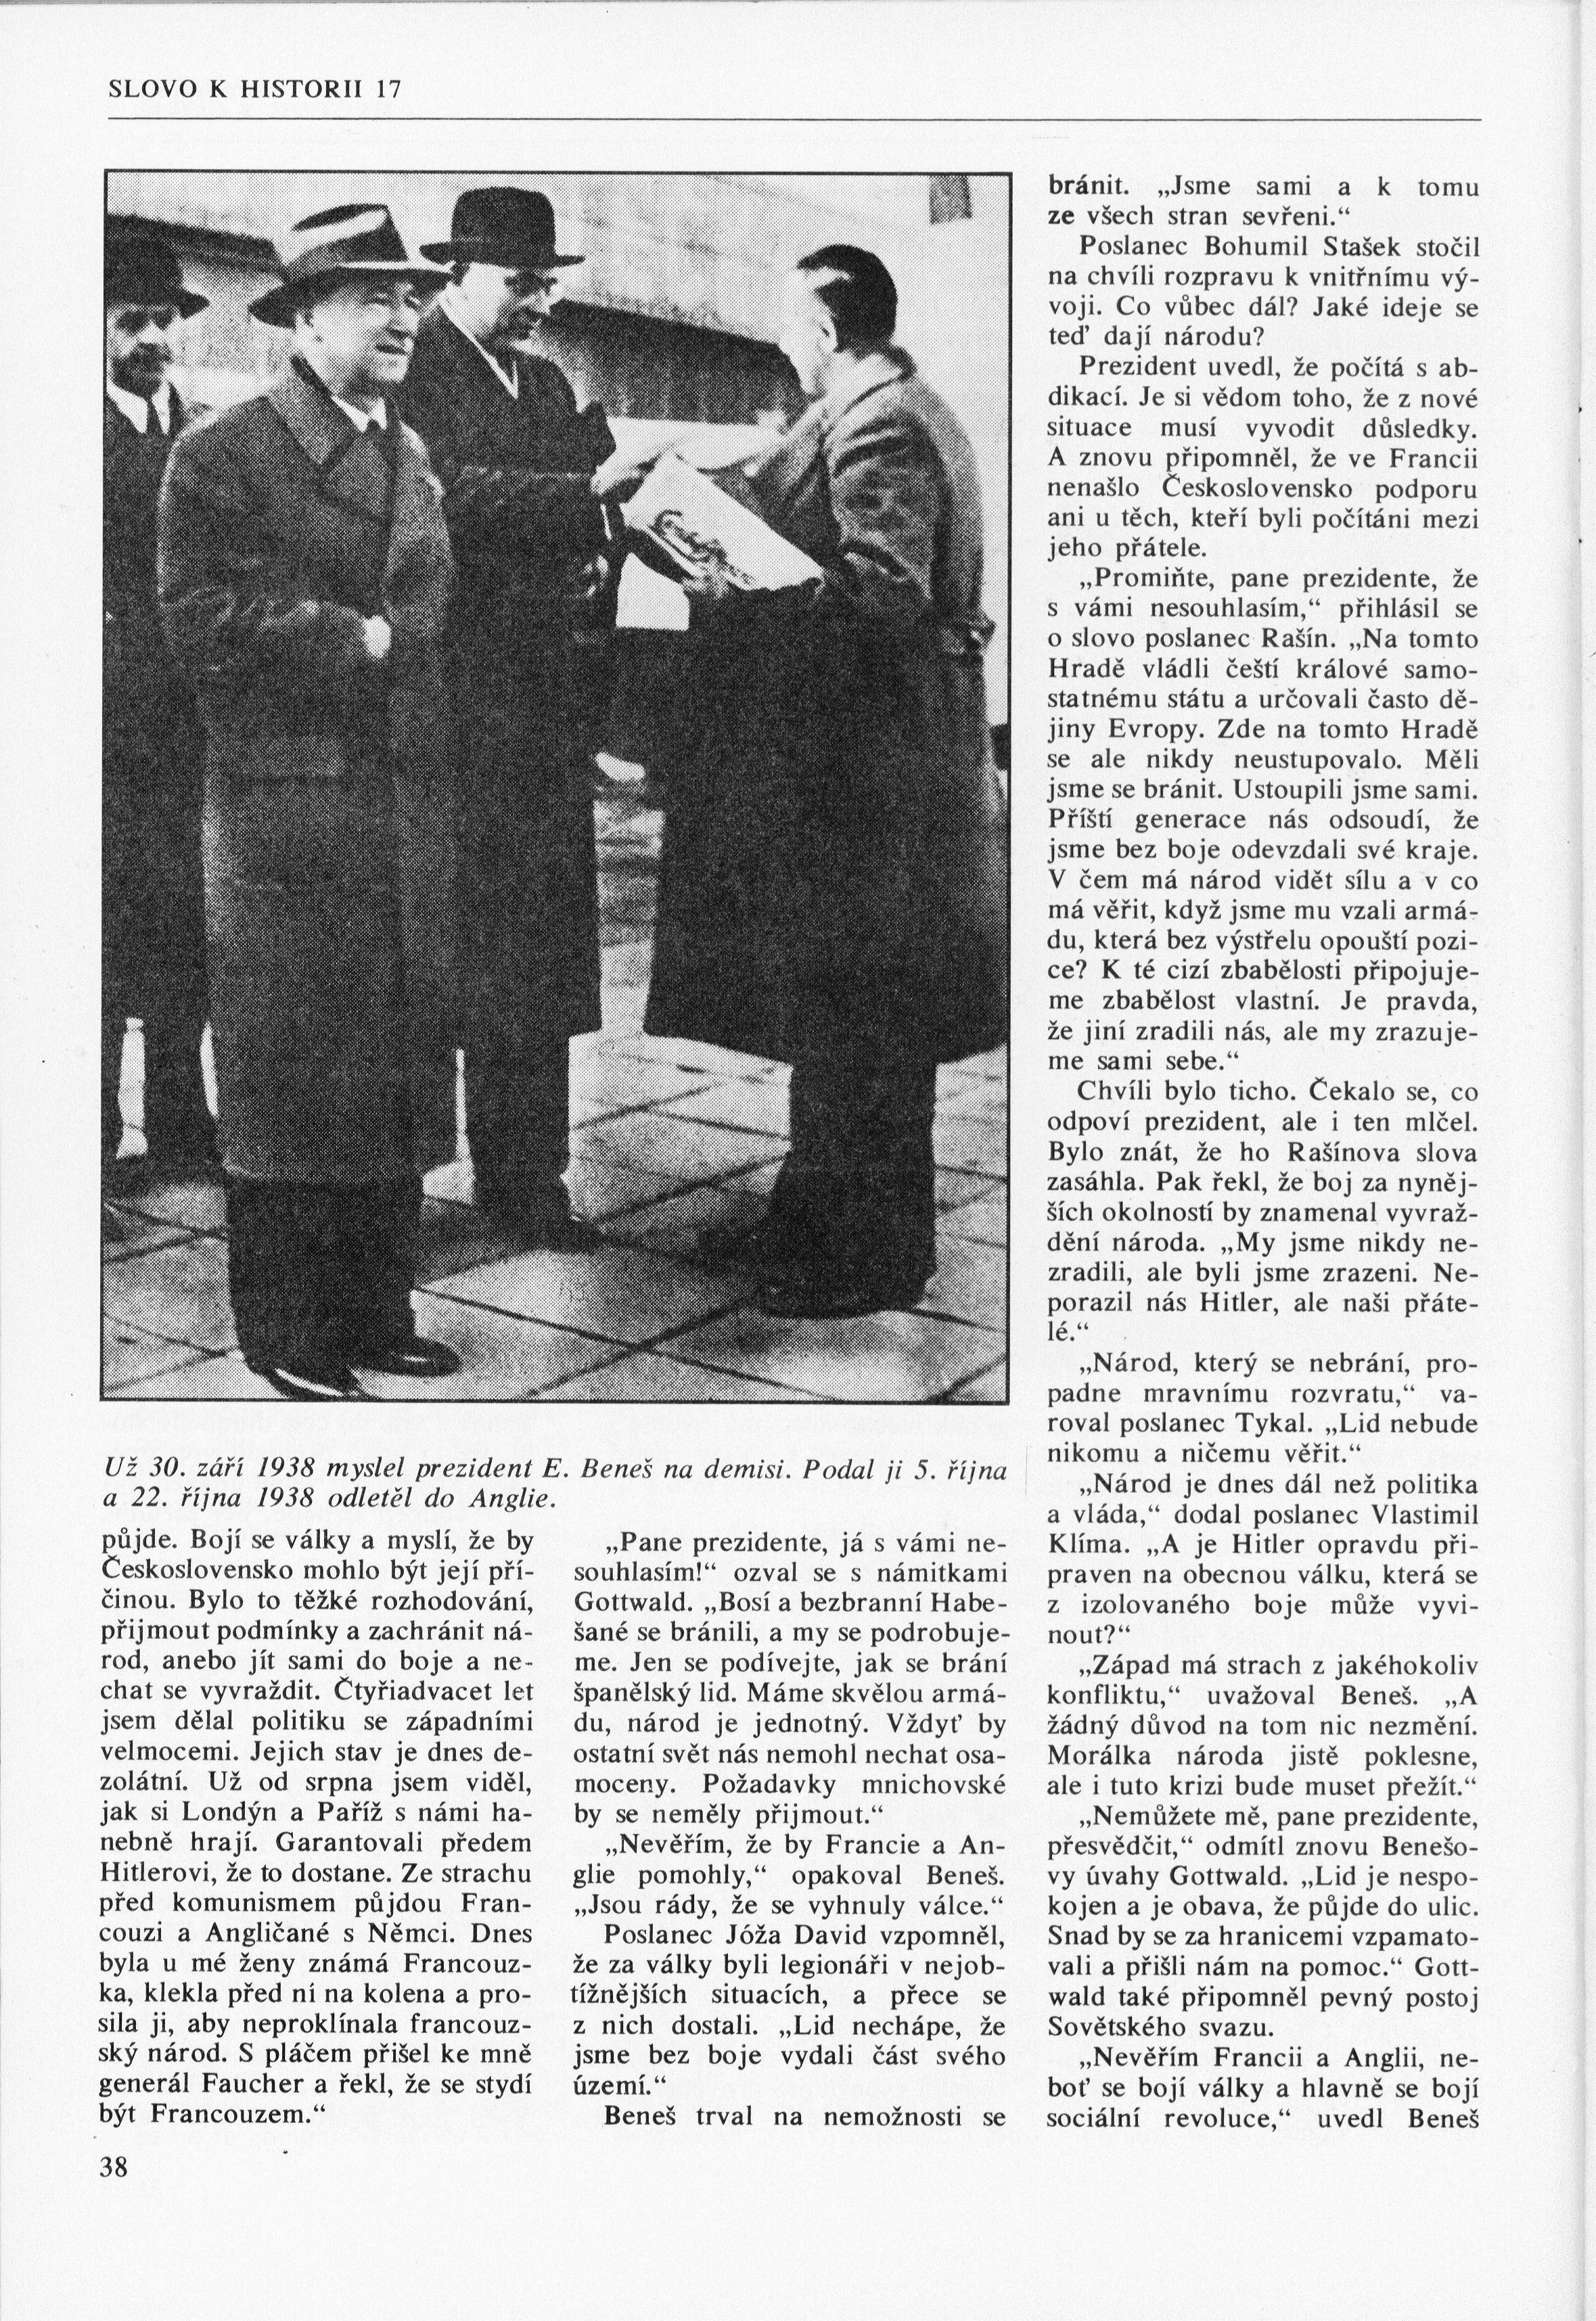 Slovo K Historii 17 1938, Seite 38